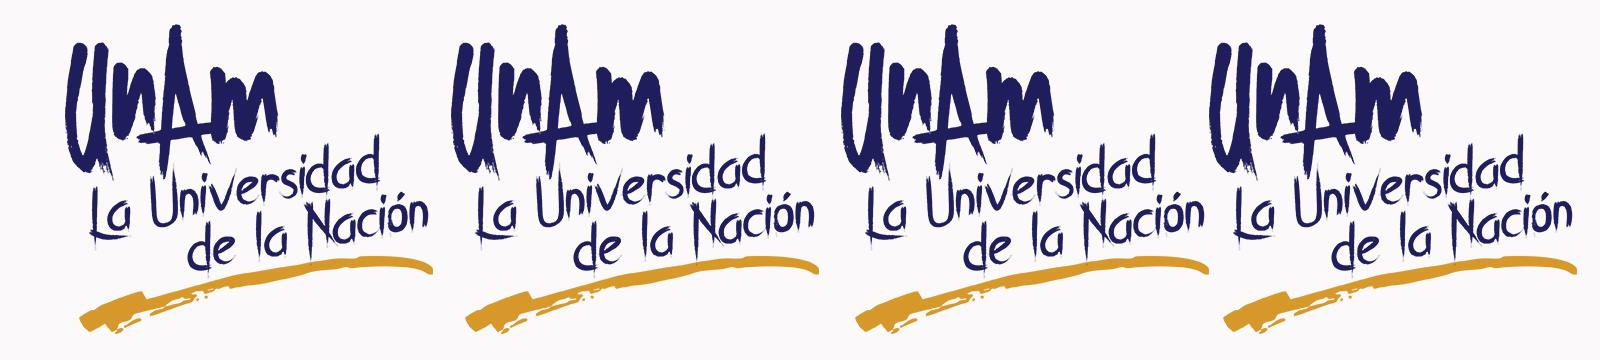 2017_Banner_Nueva Firma UNAM